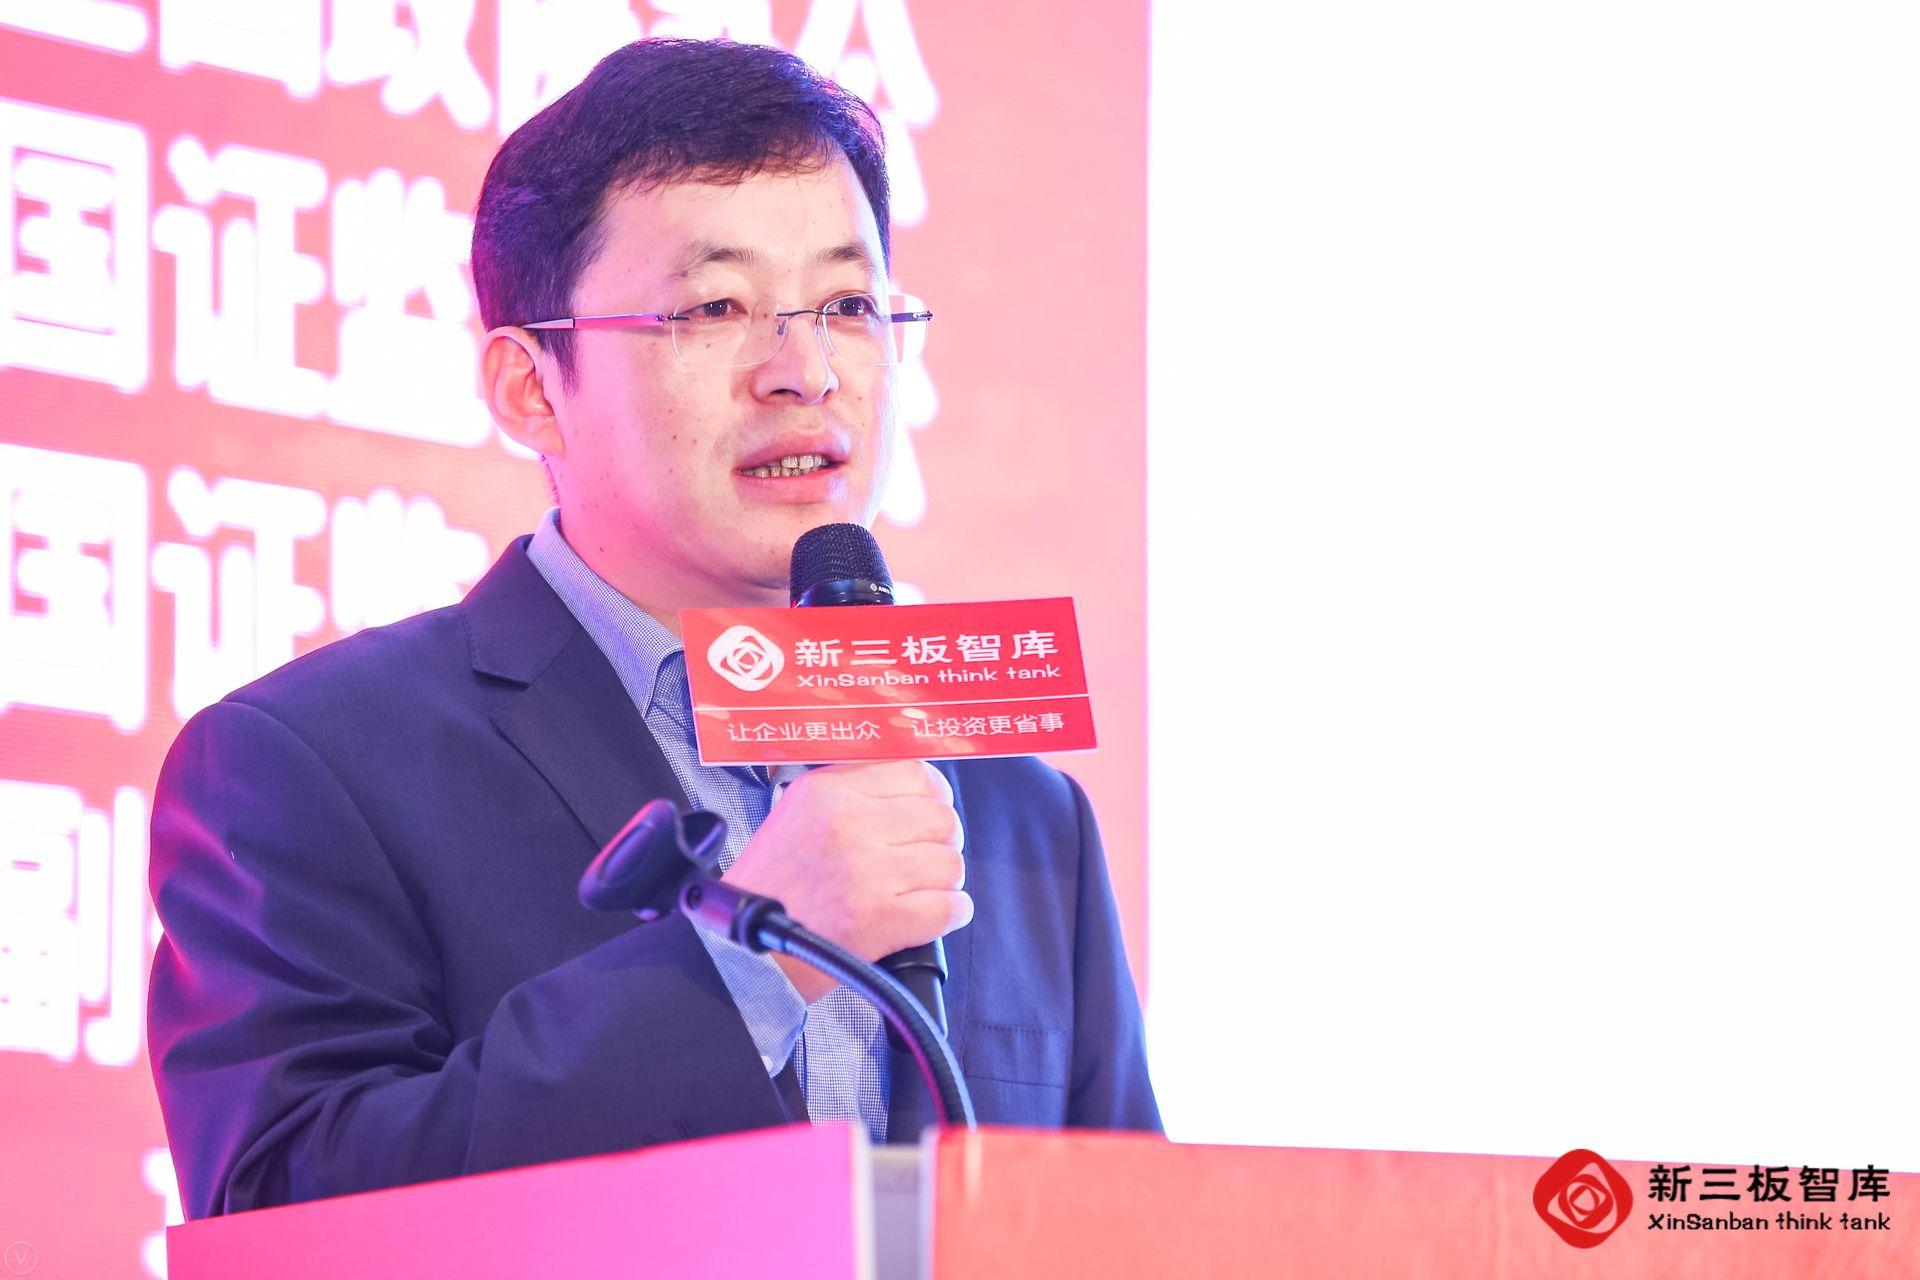 全国中小企业股份转让系统副总经理隋强先生